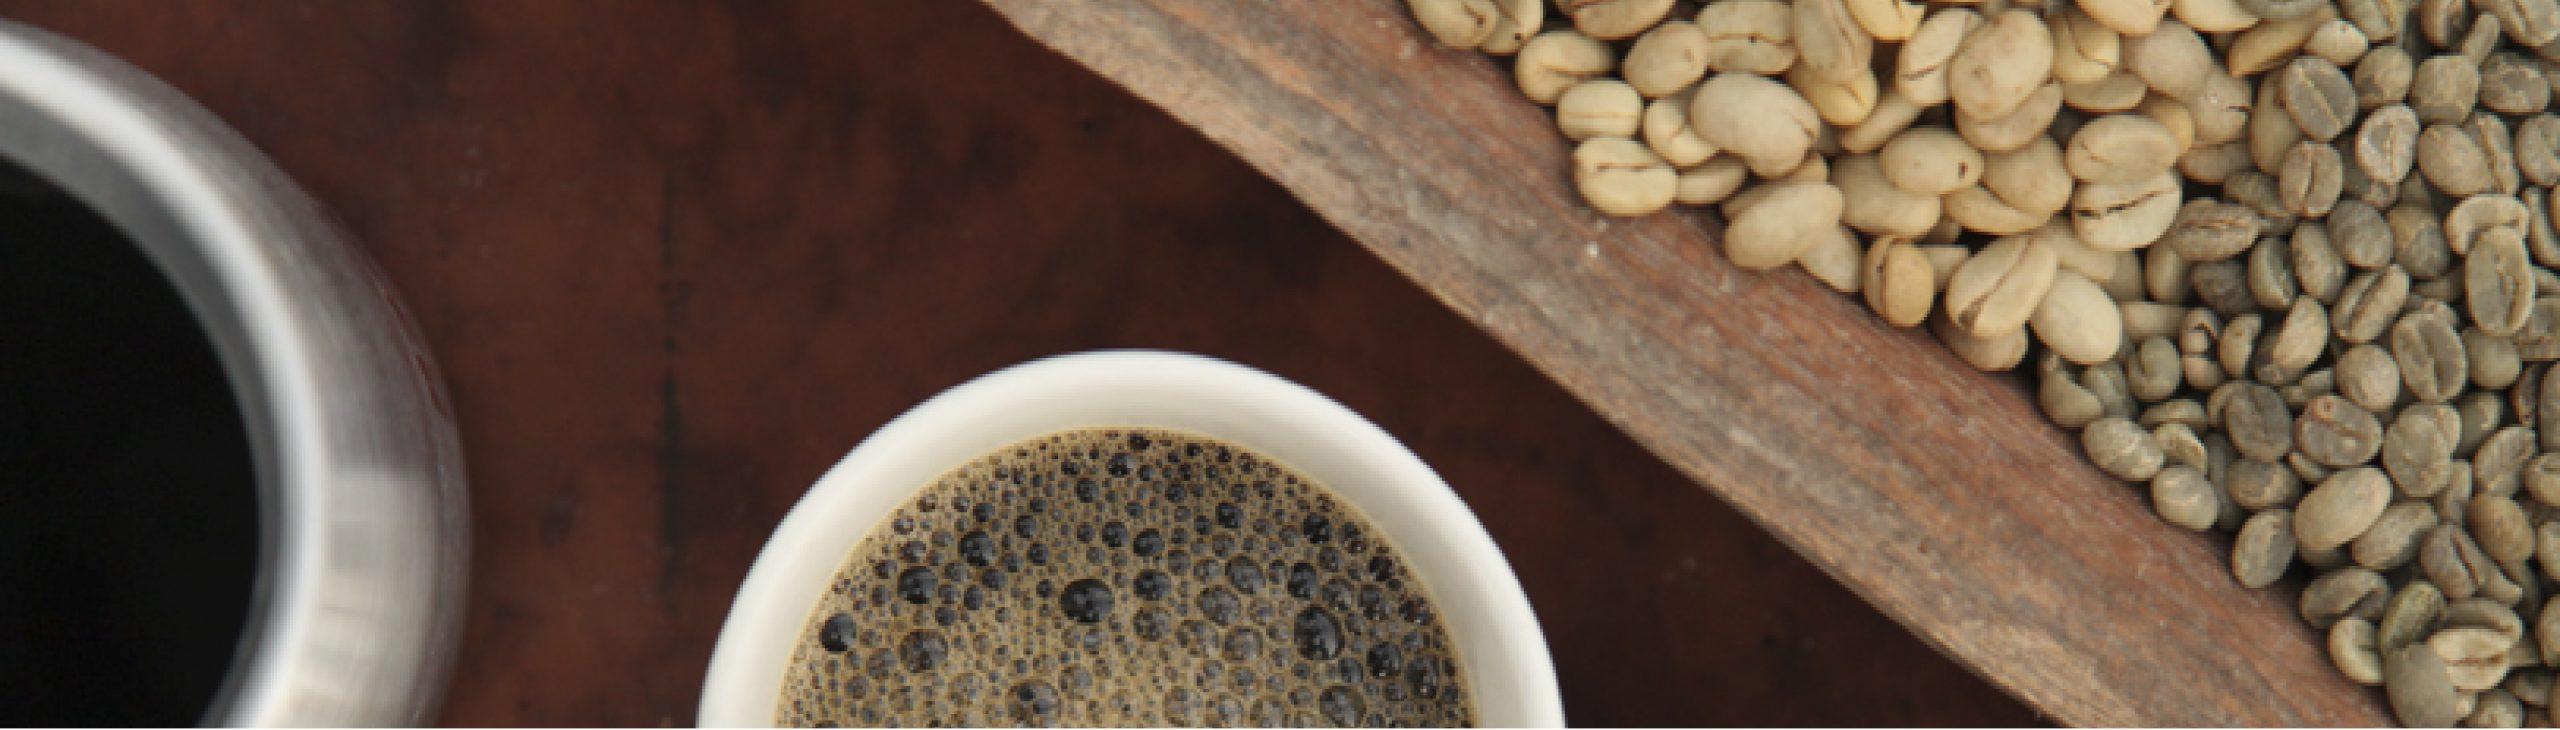 preguntas-sobre-compra-de-cafe